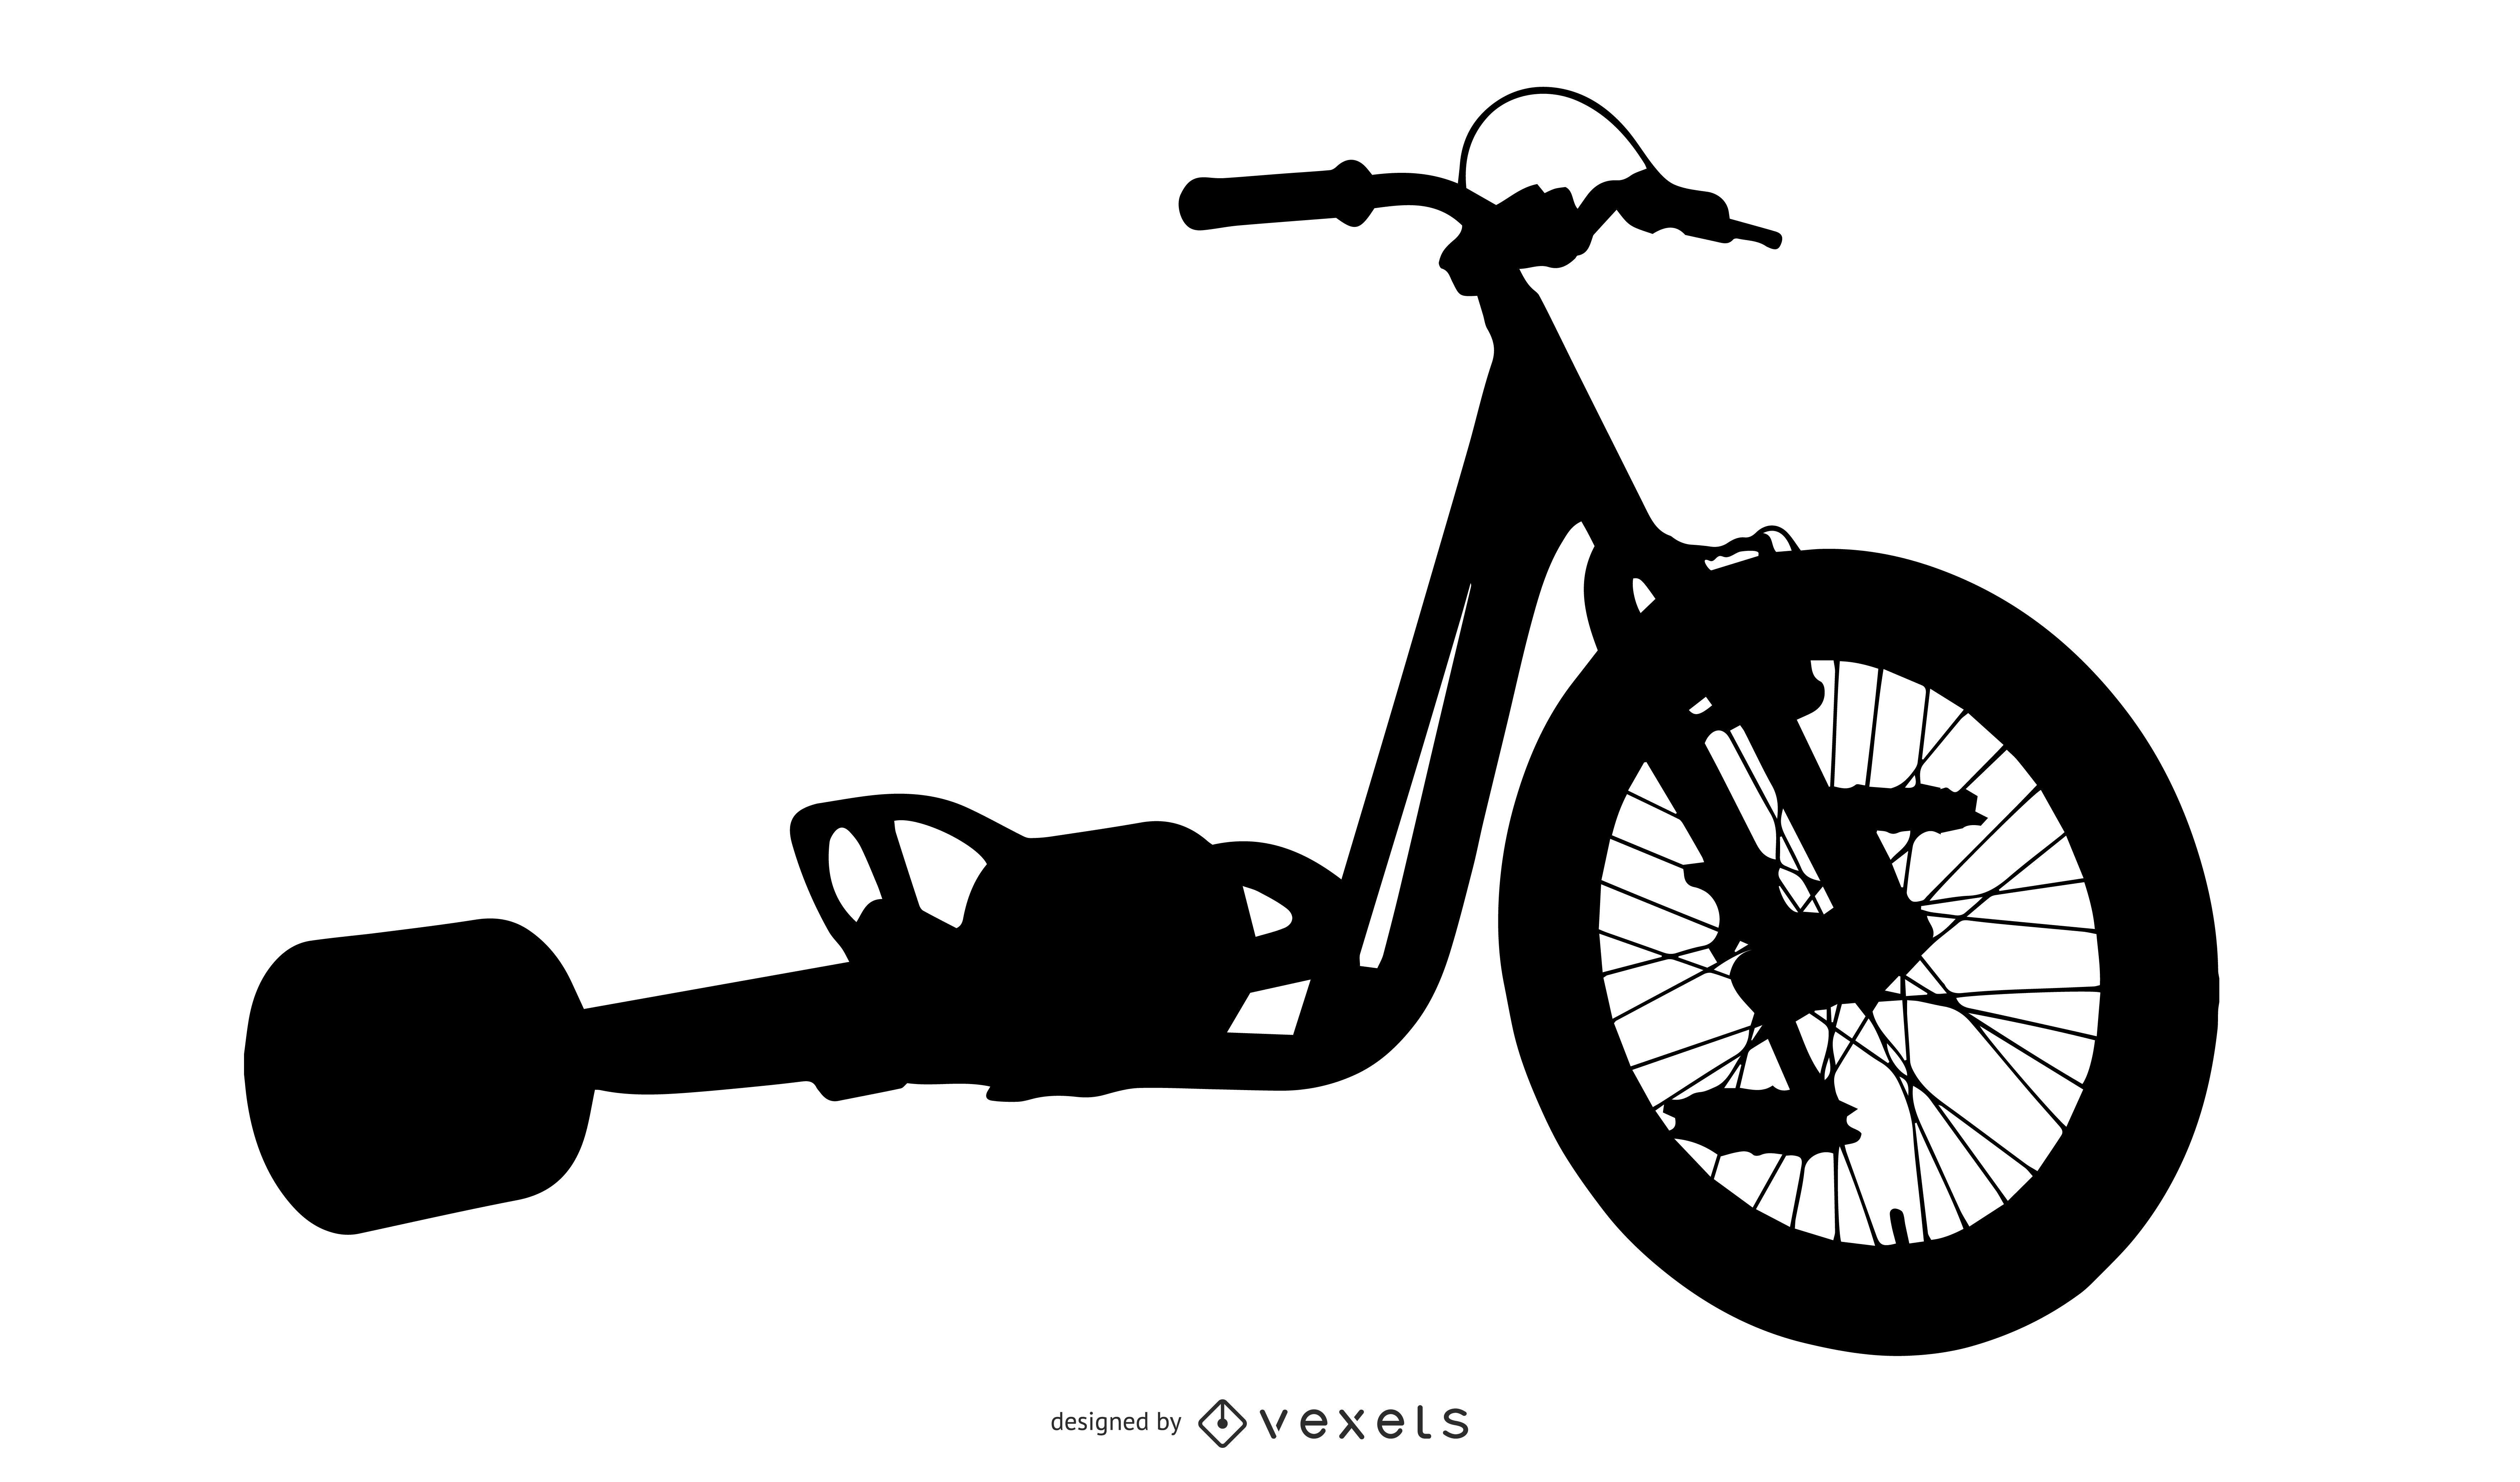 Drift bike silhouette design